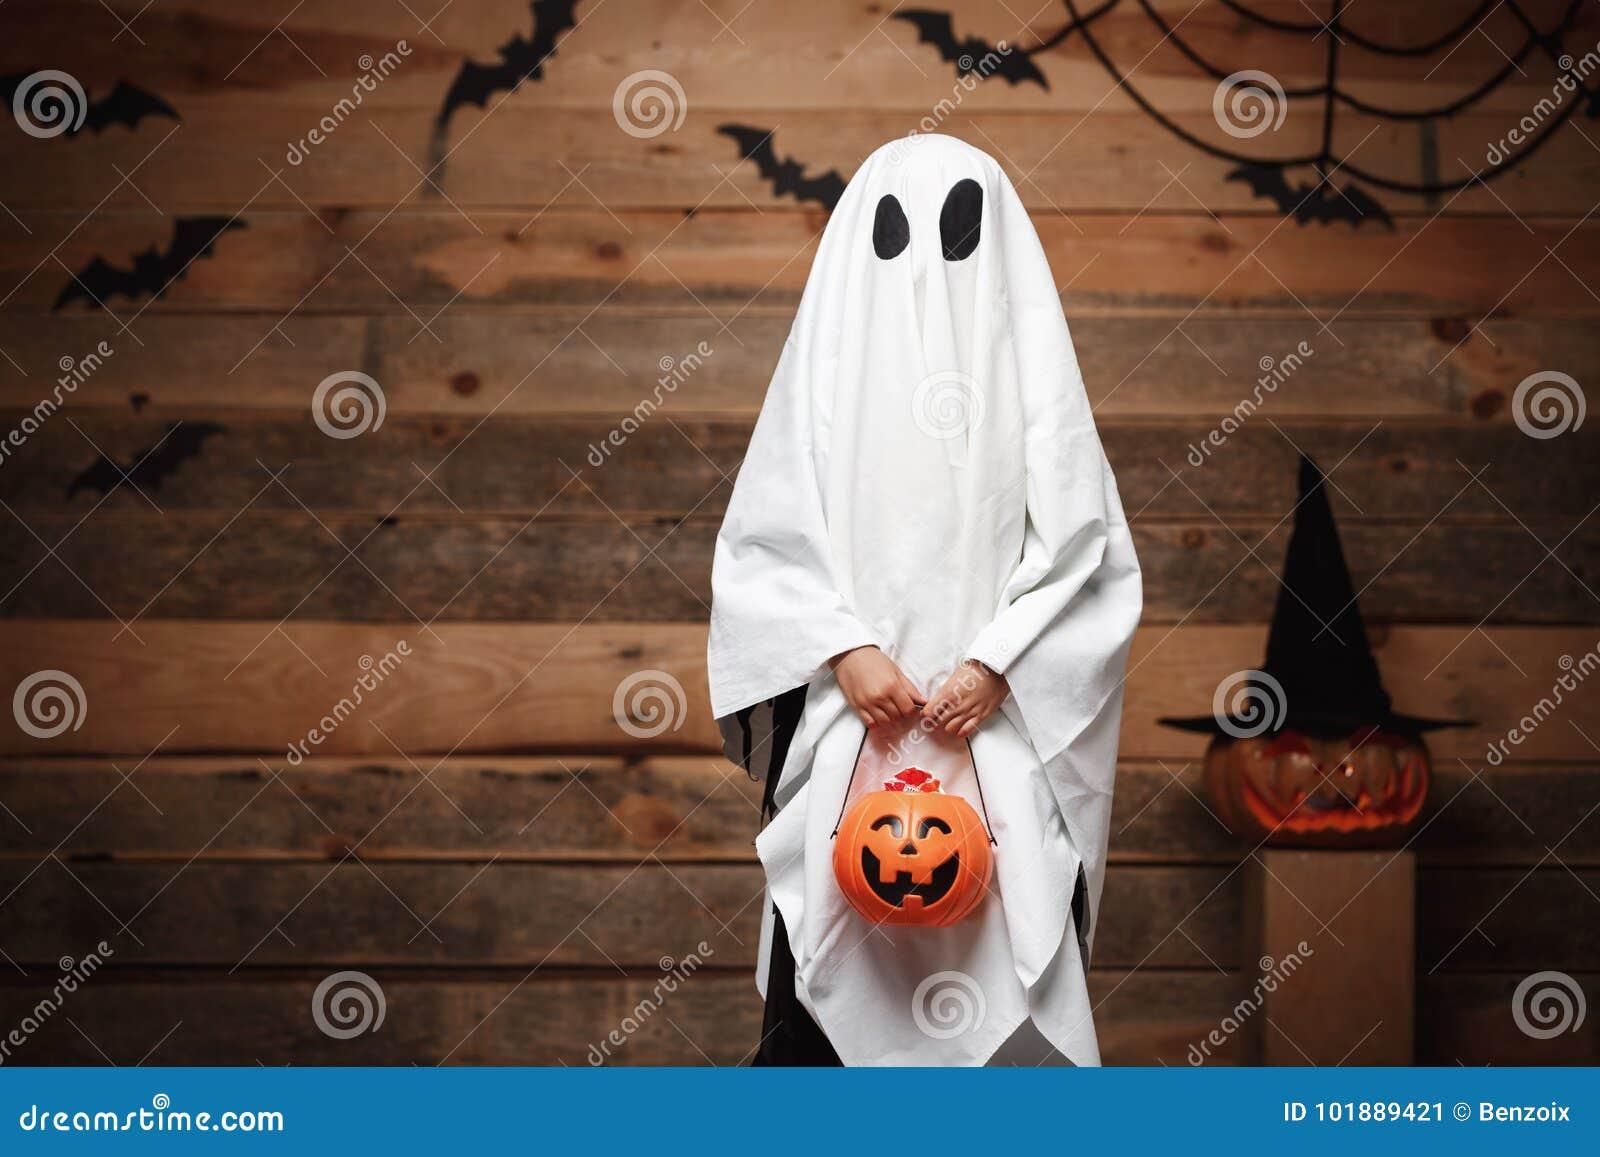 万圣夜概念-与万圣夜南瓜做把戏或款待用弯曲的南瓜的糖果瓶子的一点白色鬼魂在棒和sp